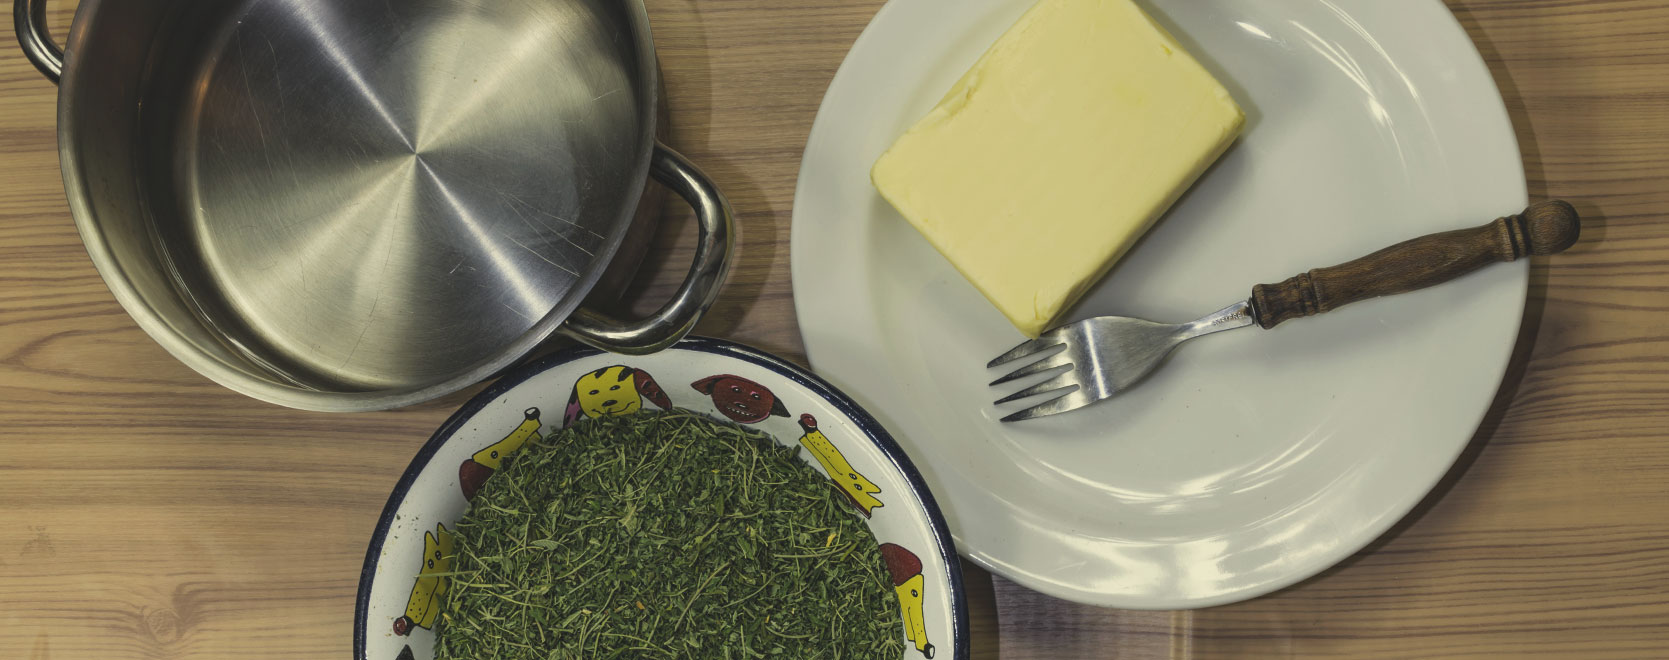 Ingredientes Para hacer Mantequilla de Cannabis